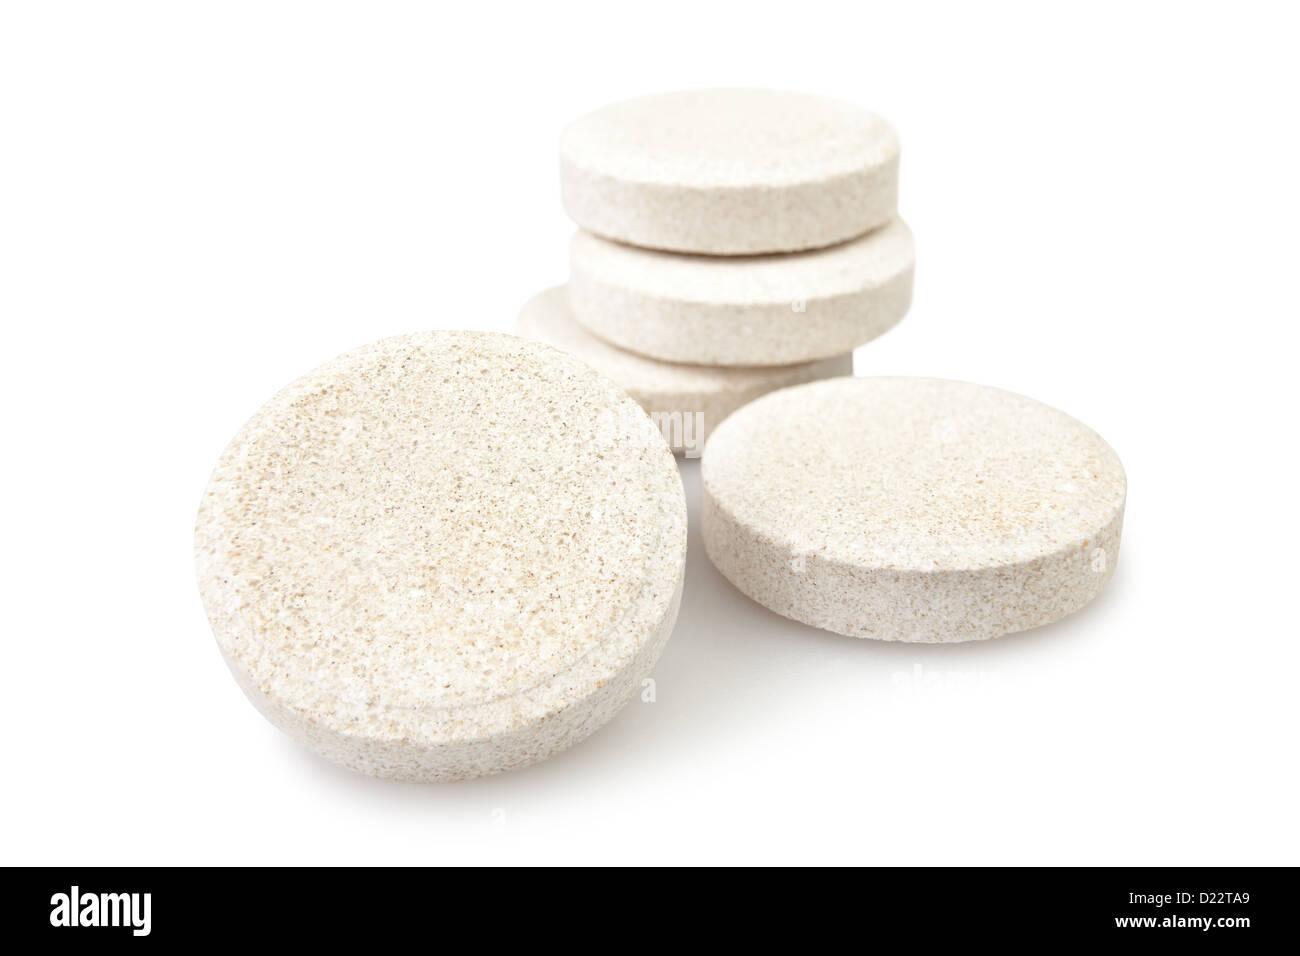 Vitamin-Pille Tablette auf weißem Hintergrund Stockbild